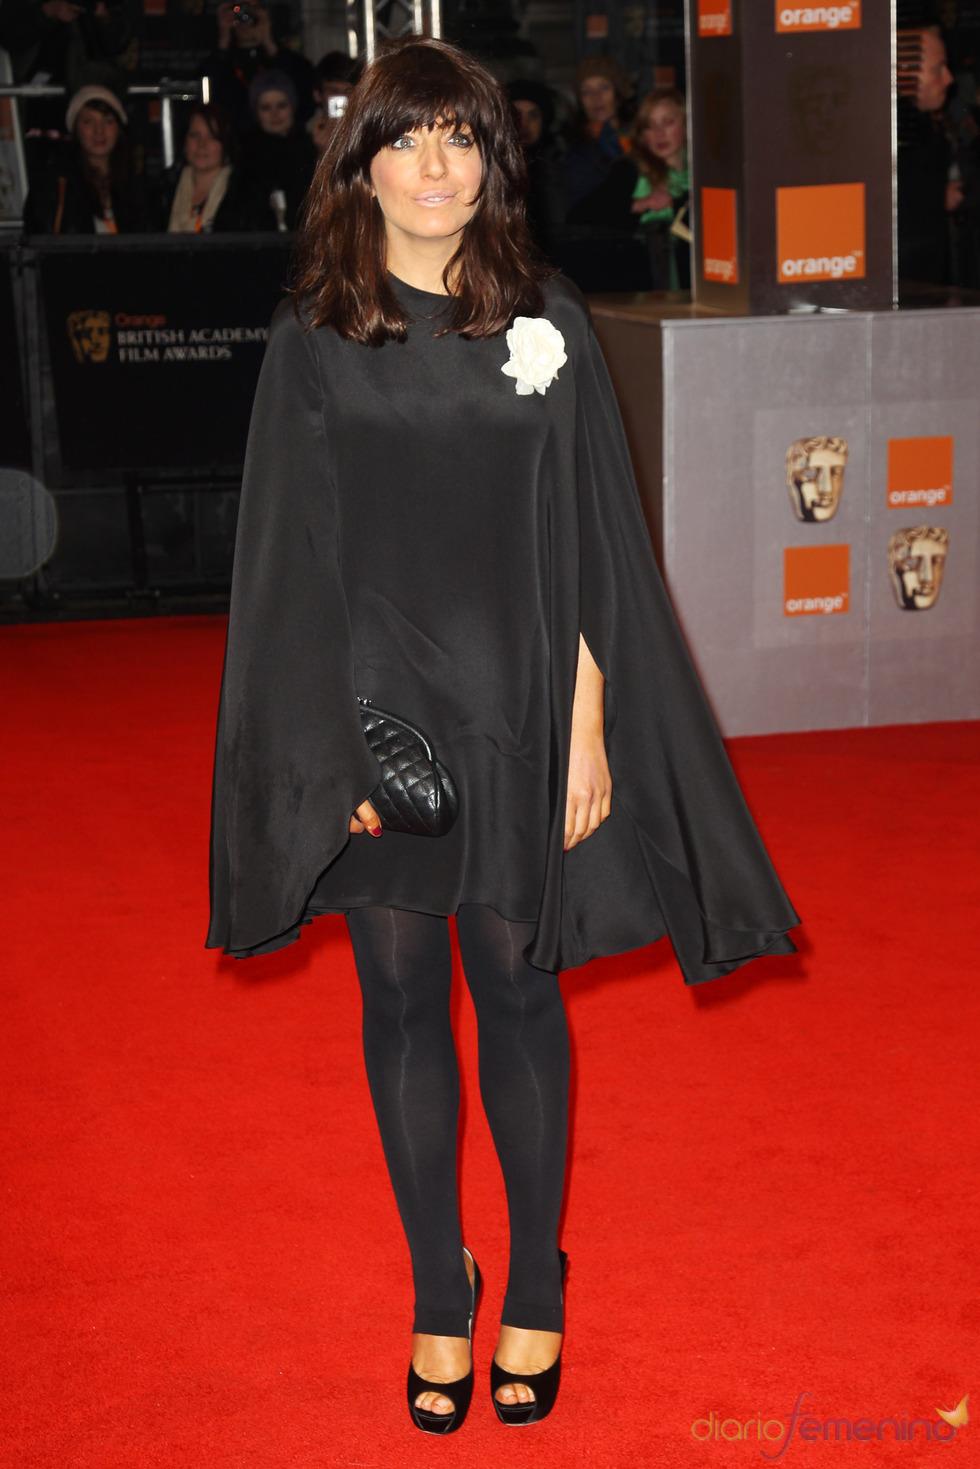 La presentadora Claudia Winkleman en la alfombra roja de los Bafta 2011